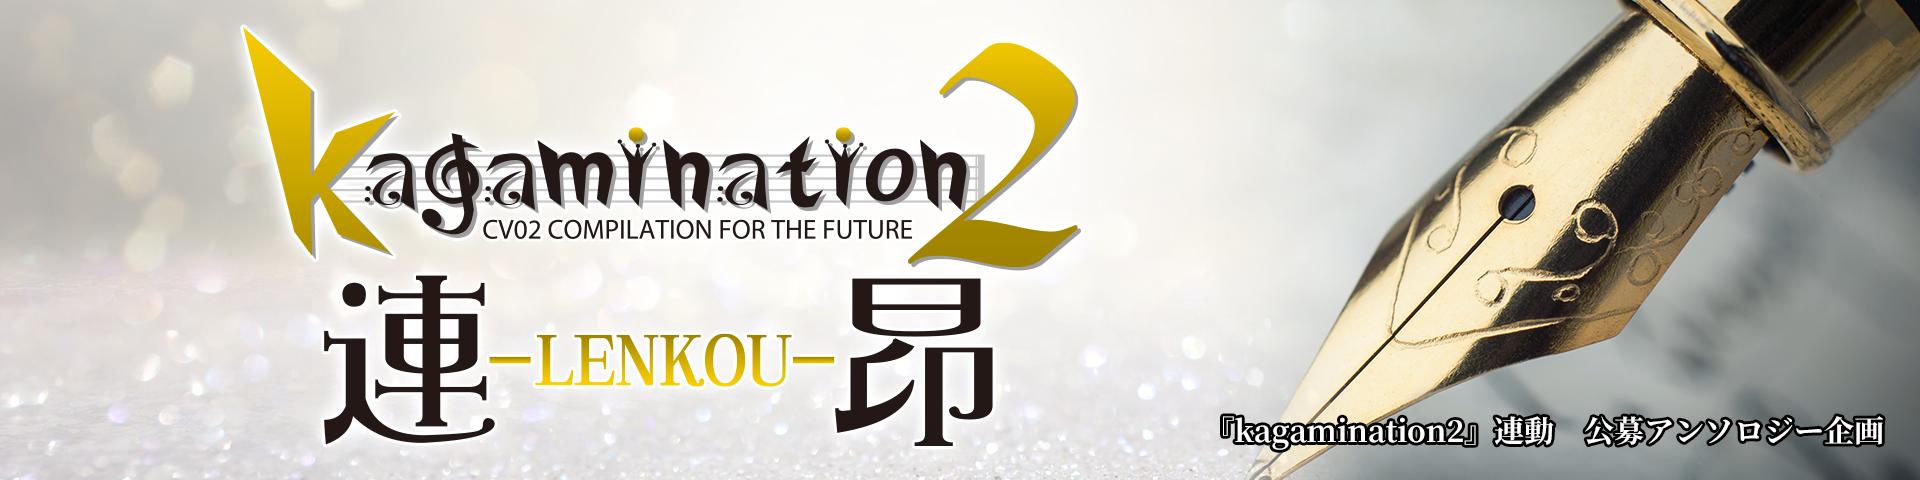 公募アンソロジー企画『kagamination2 連昂』